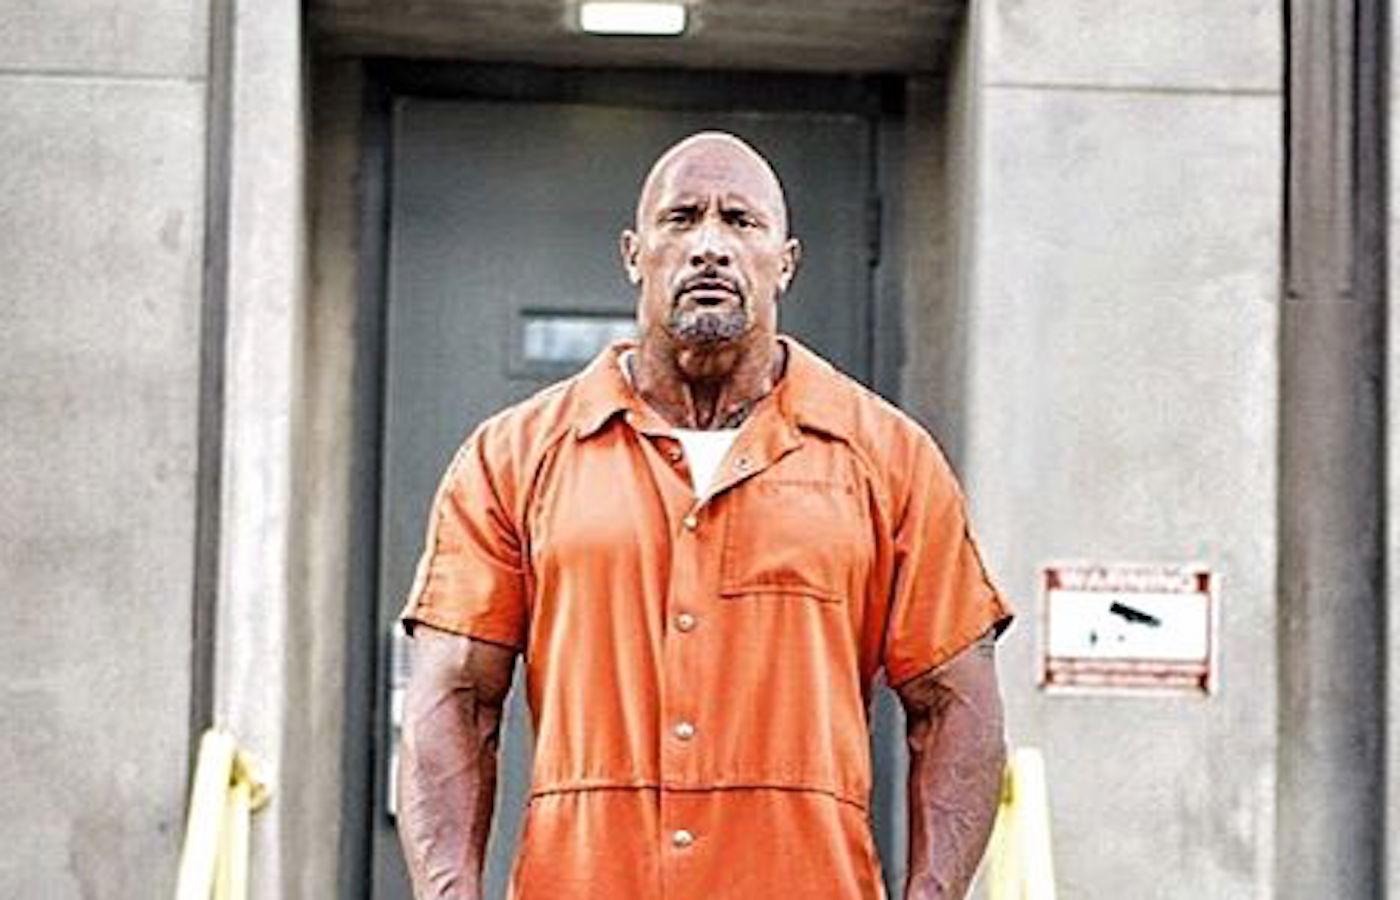 『ワイルド・スピード8』でドウェイン・ジョンソン演じるホブスの囚人写真が公開!